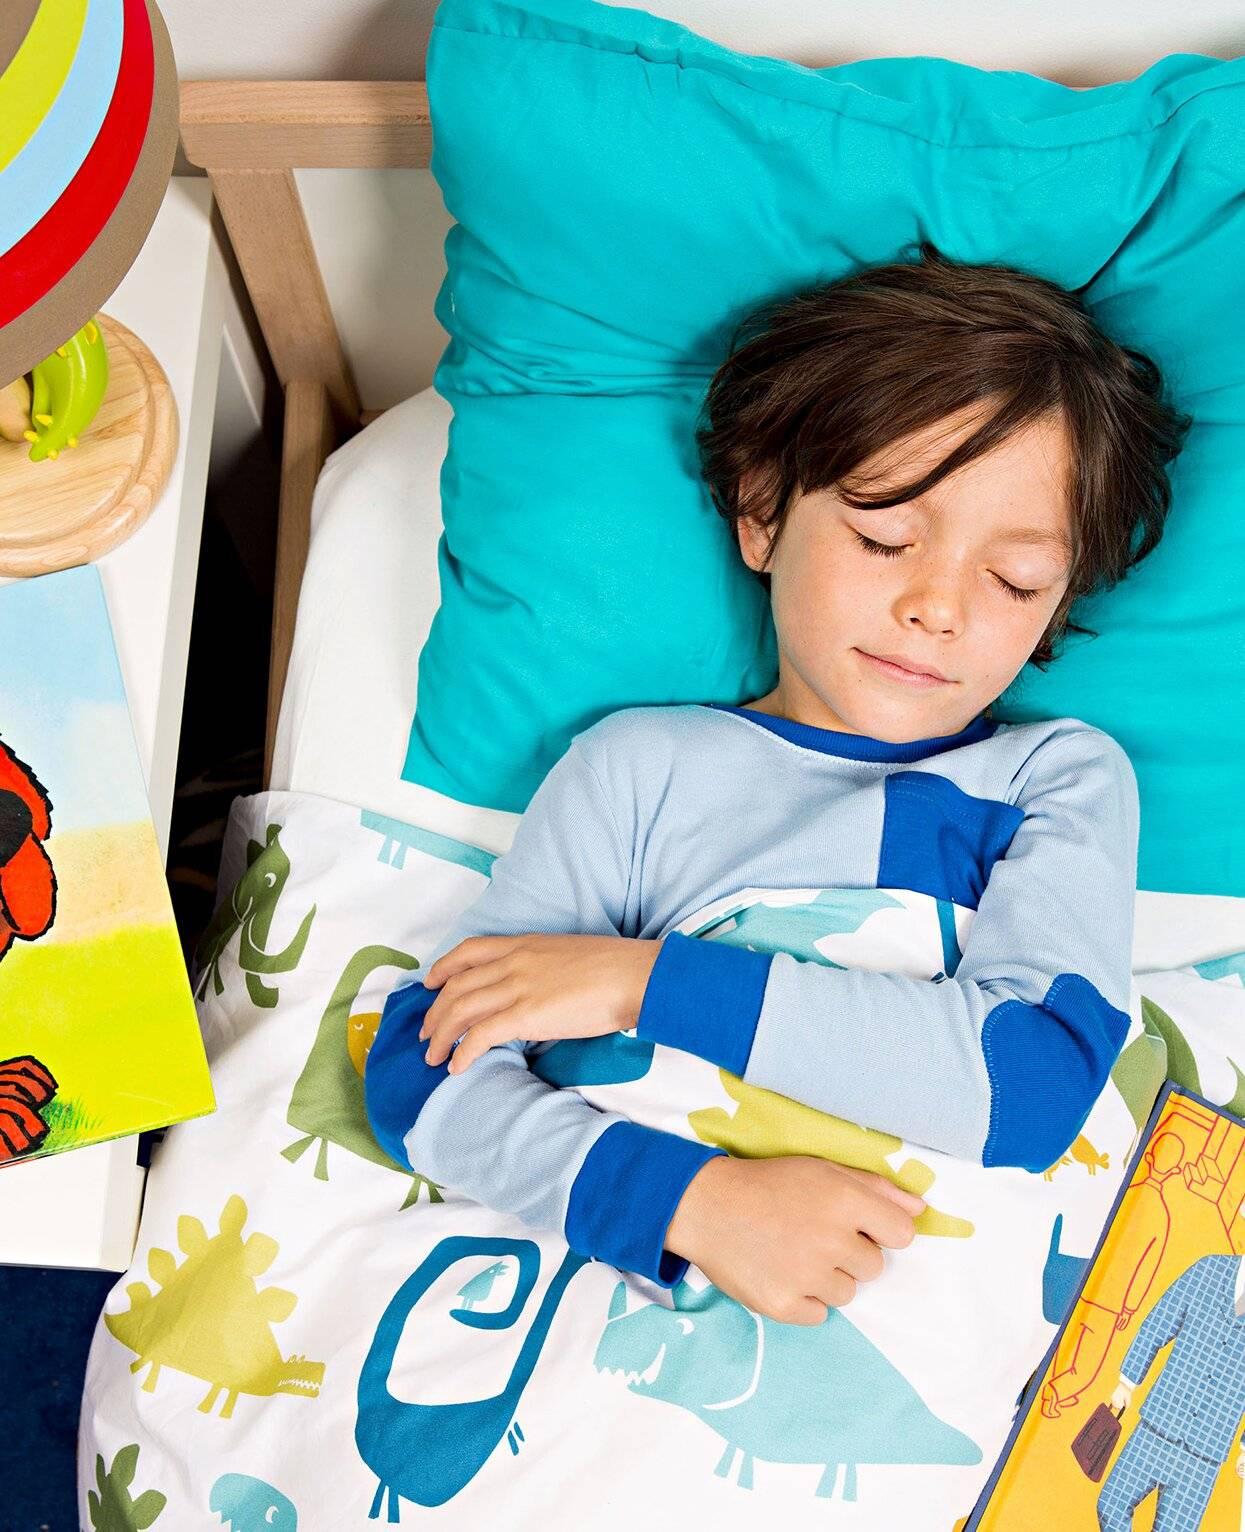 返校前保持孩子健康的3种方法